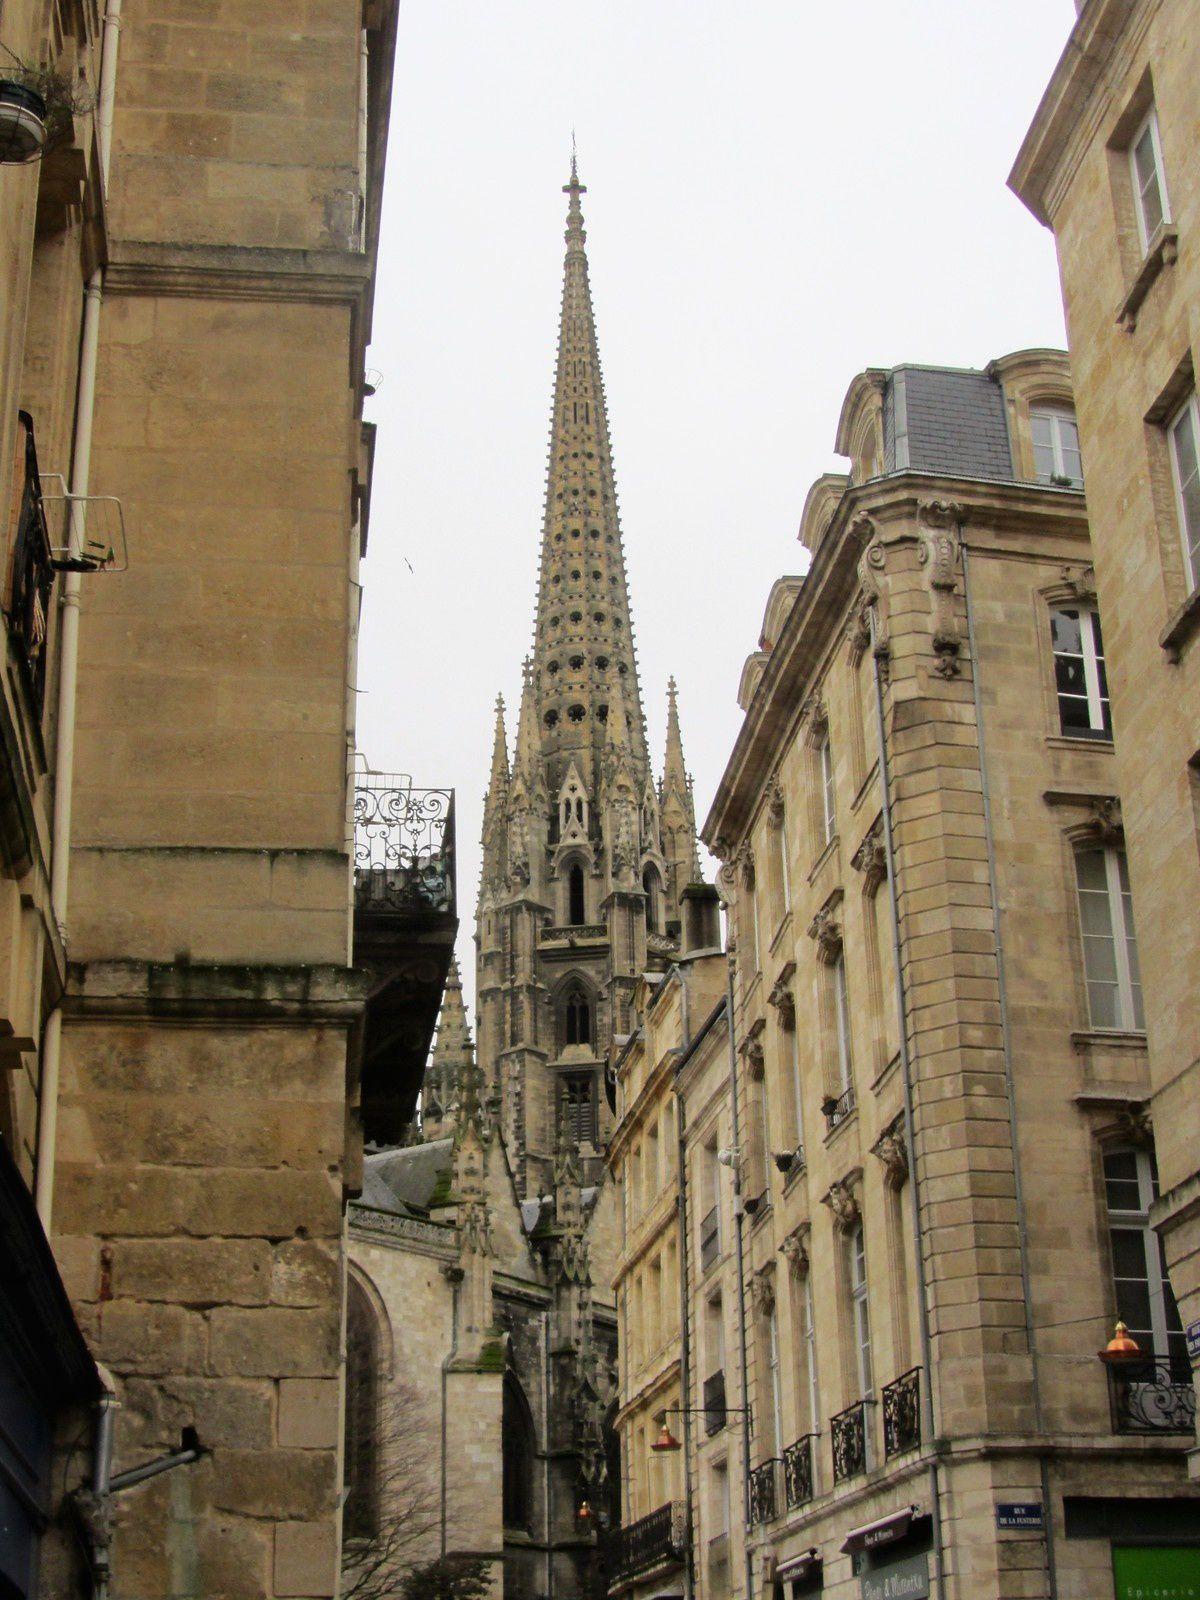 La basilique Saint-Michel est l'un des principaux lieux de culte catholique de la ville de Bordeaux. elle est de style gothique flamboyant.